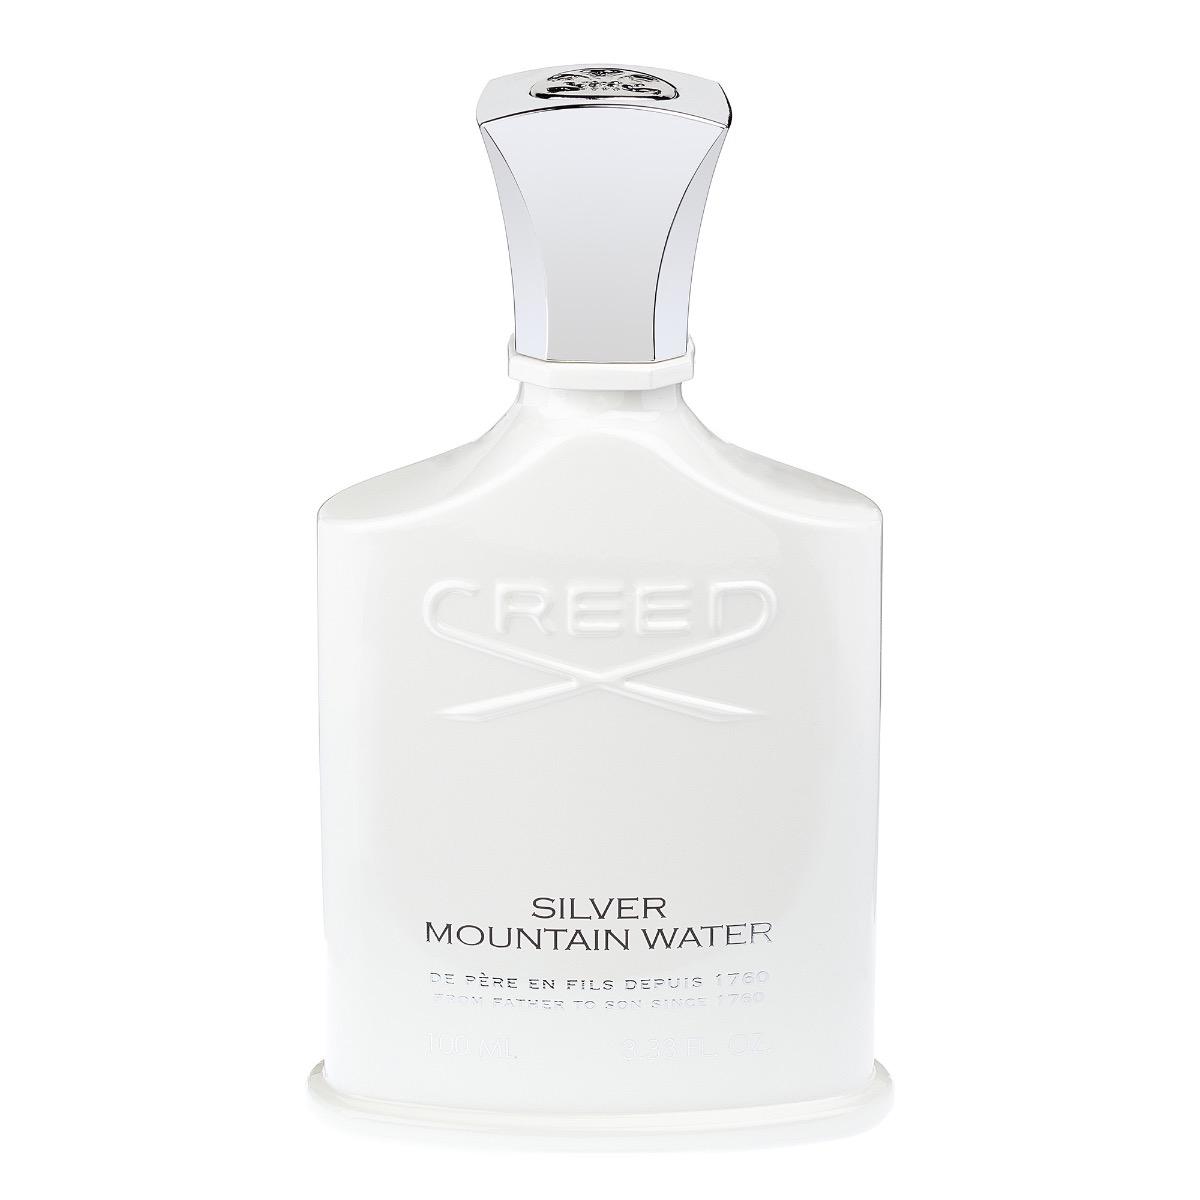 تستر عطر ادکلن کرید سیلور مانتین واتر-Creed Silver Mountain Water